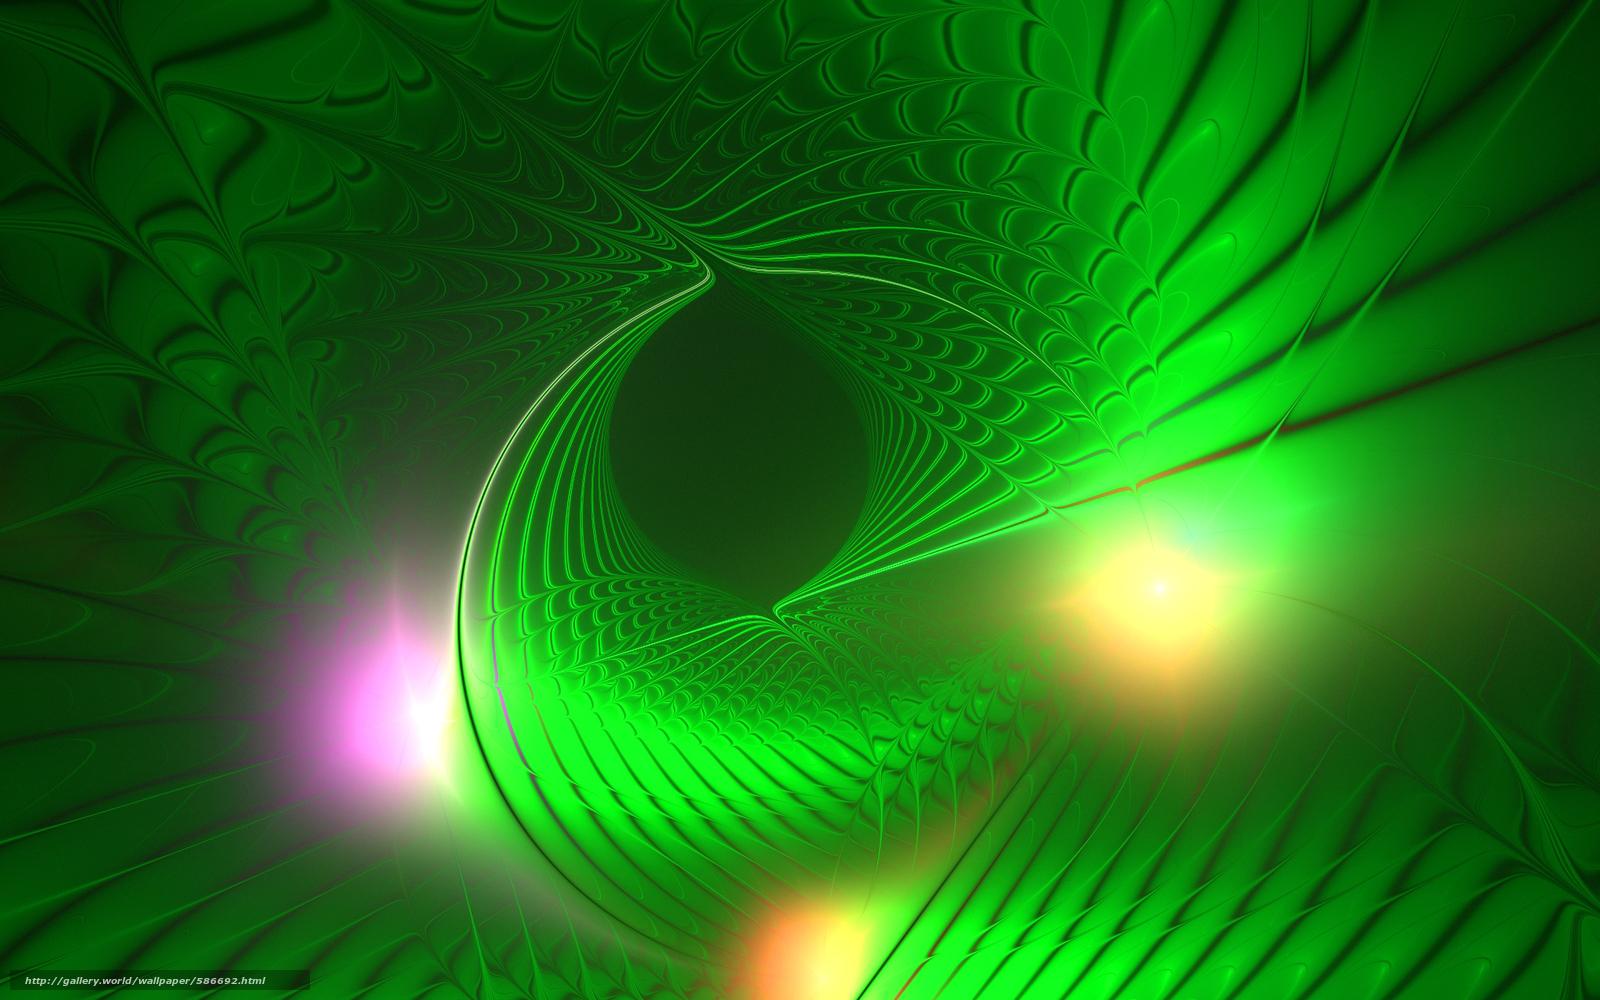 壁紙をダウンロード COLOR, パターン, 光, スパイラル ...: ja.gde-fon.com/download/wall/586692/1920x1200